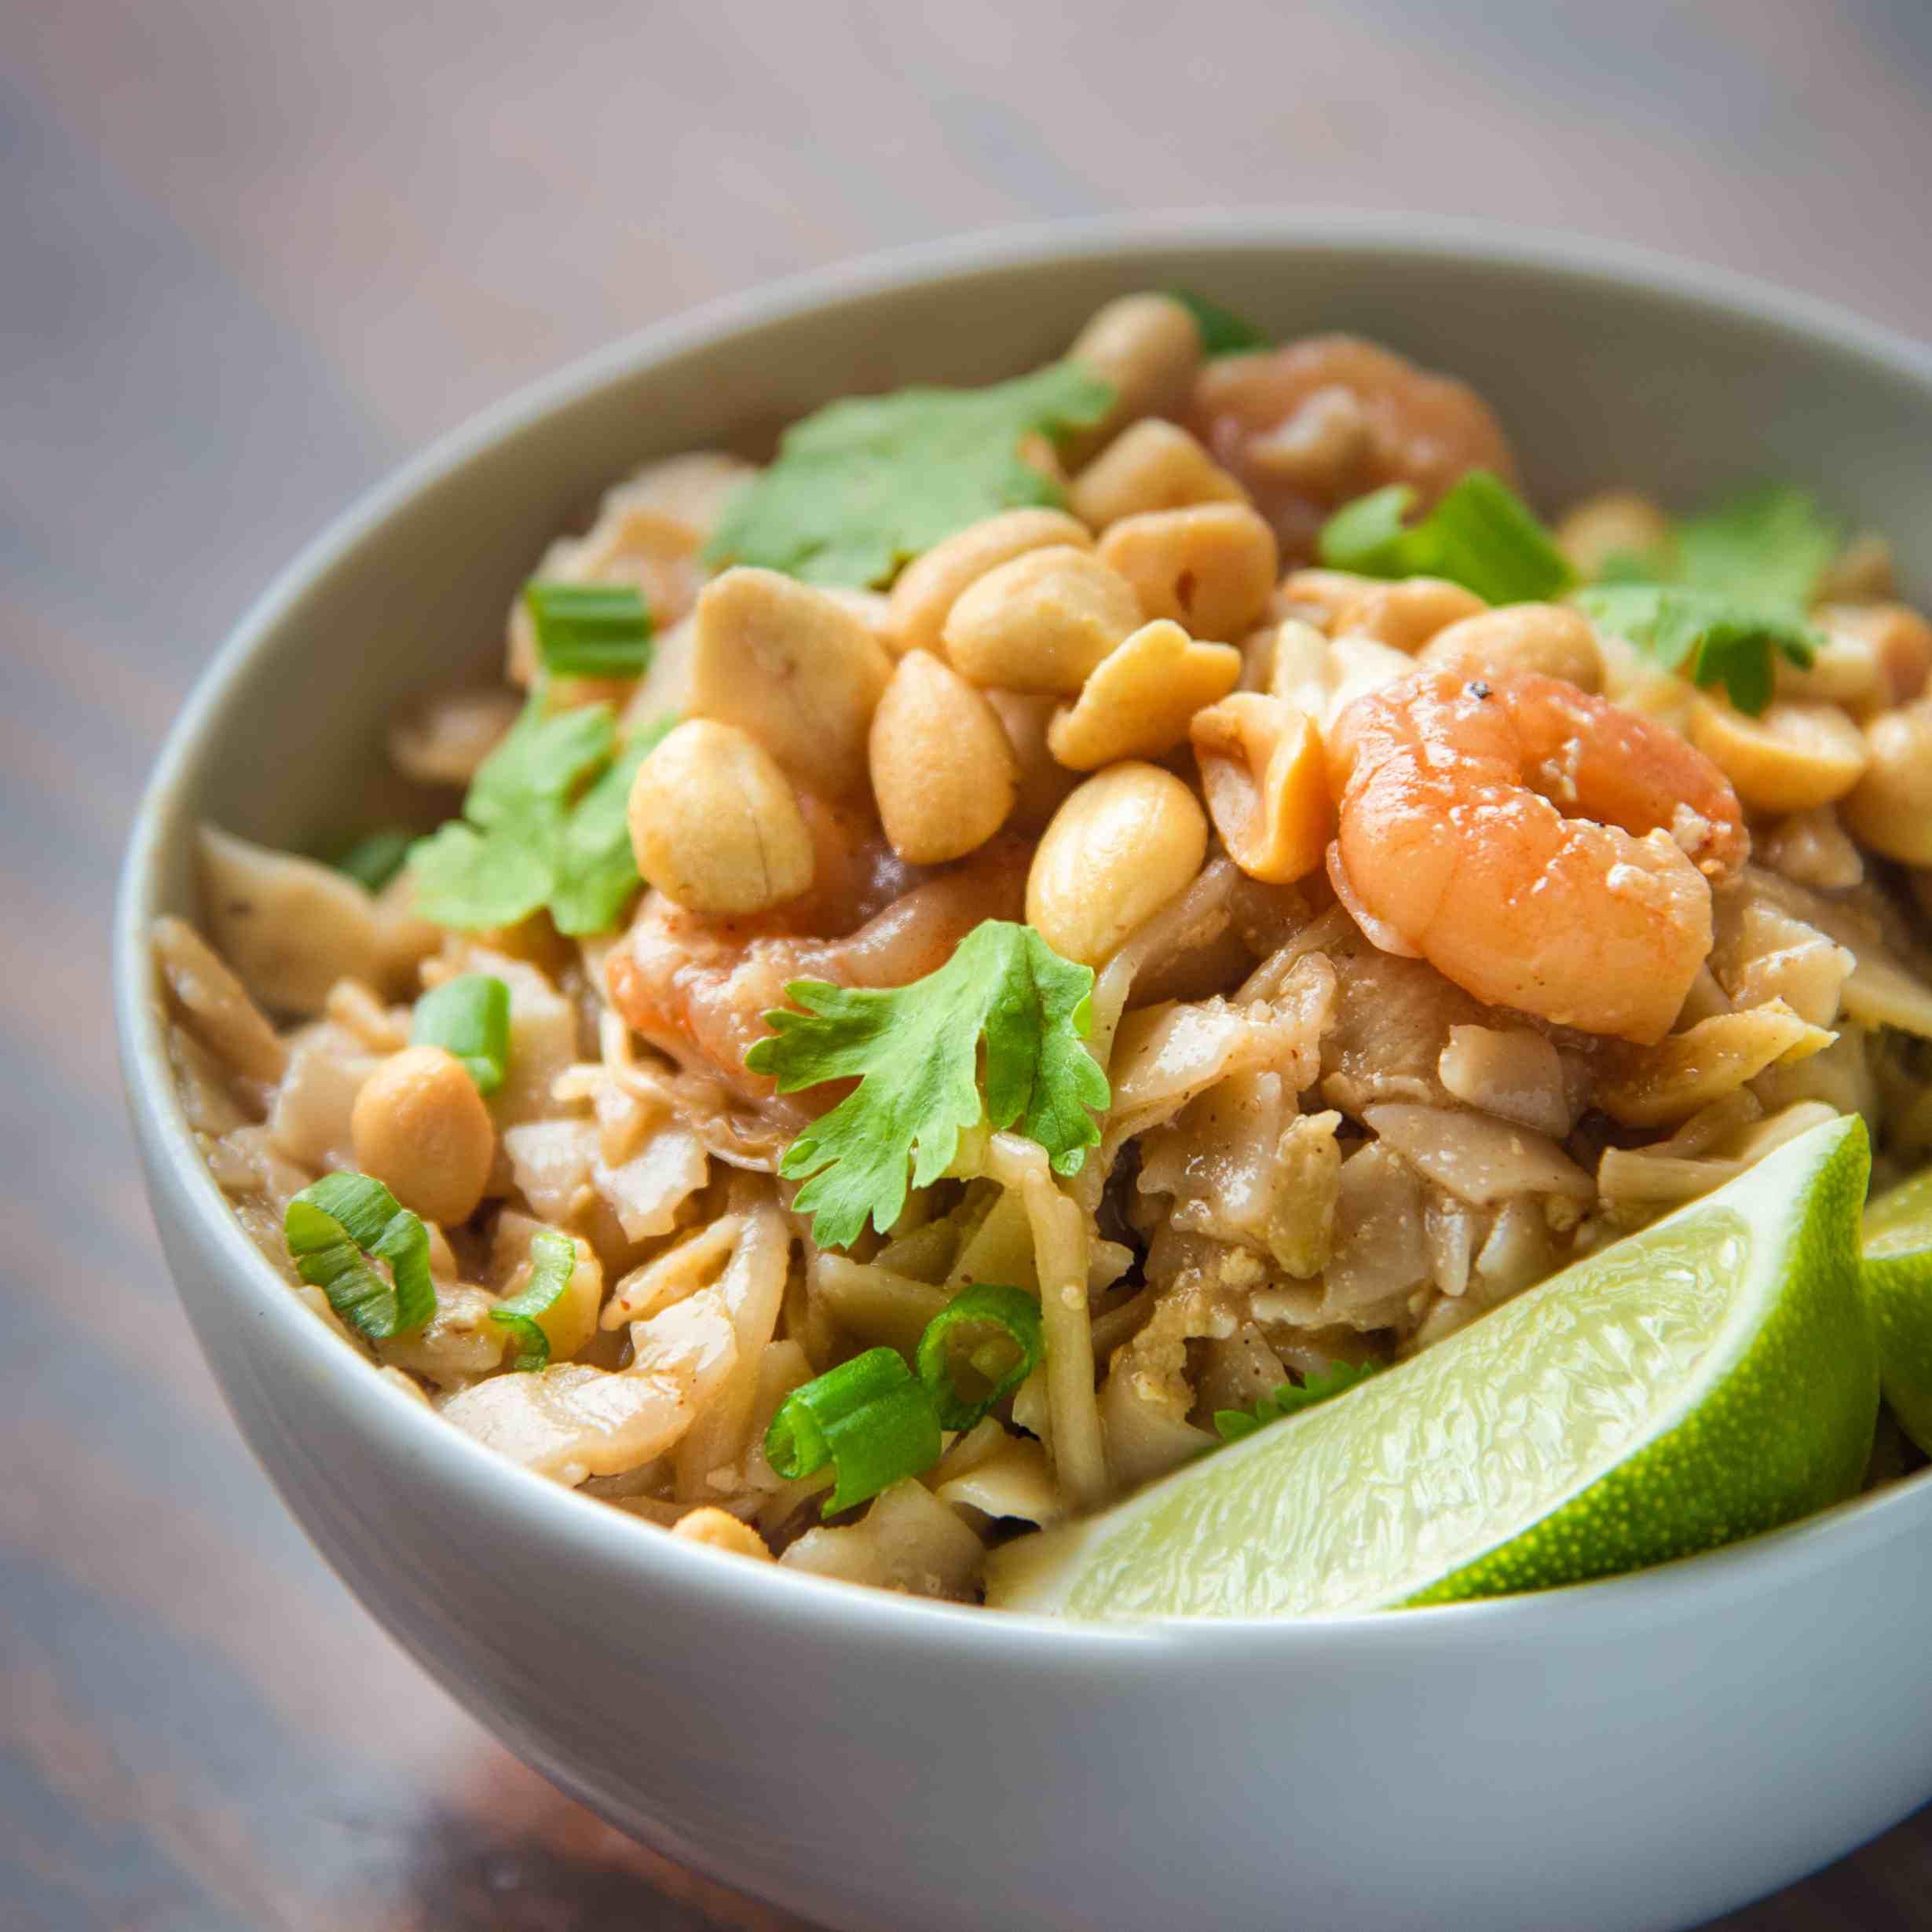 Finished Shrimp Pad Thai with garnish